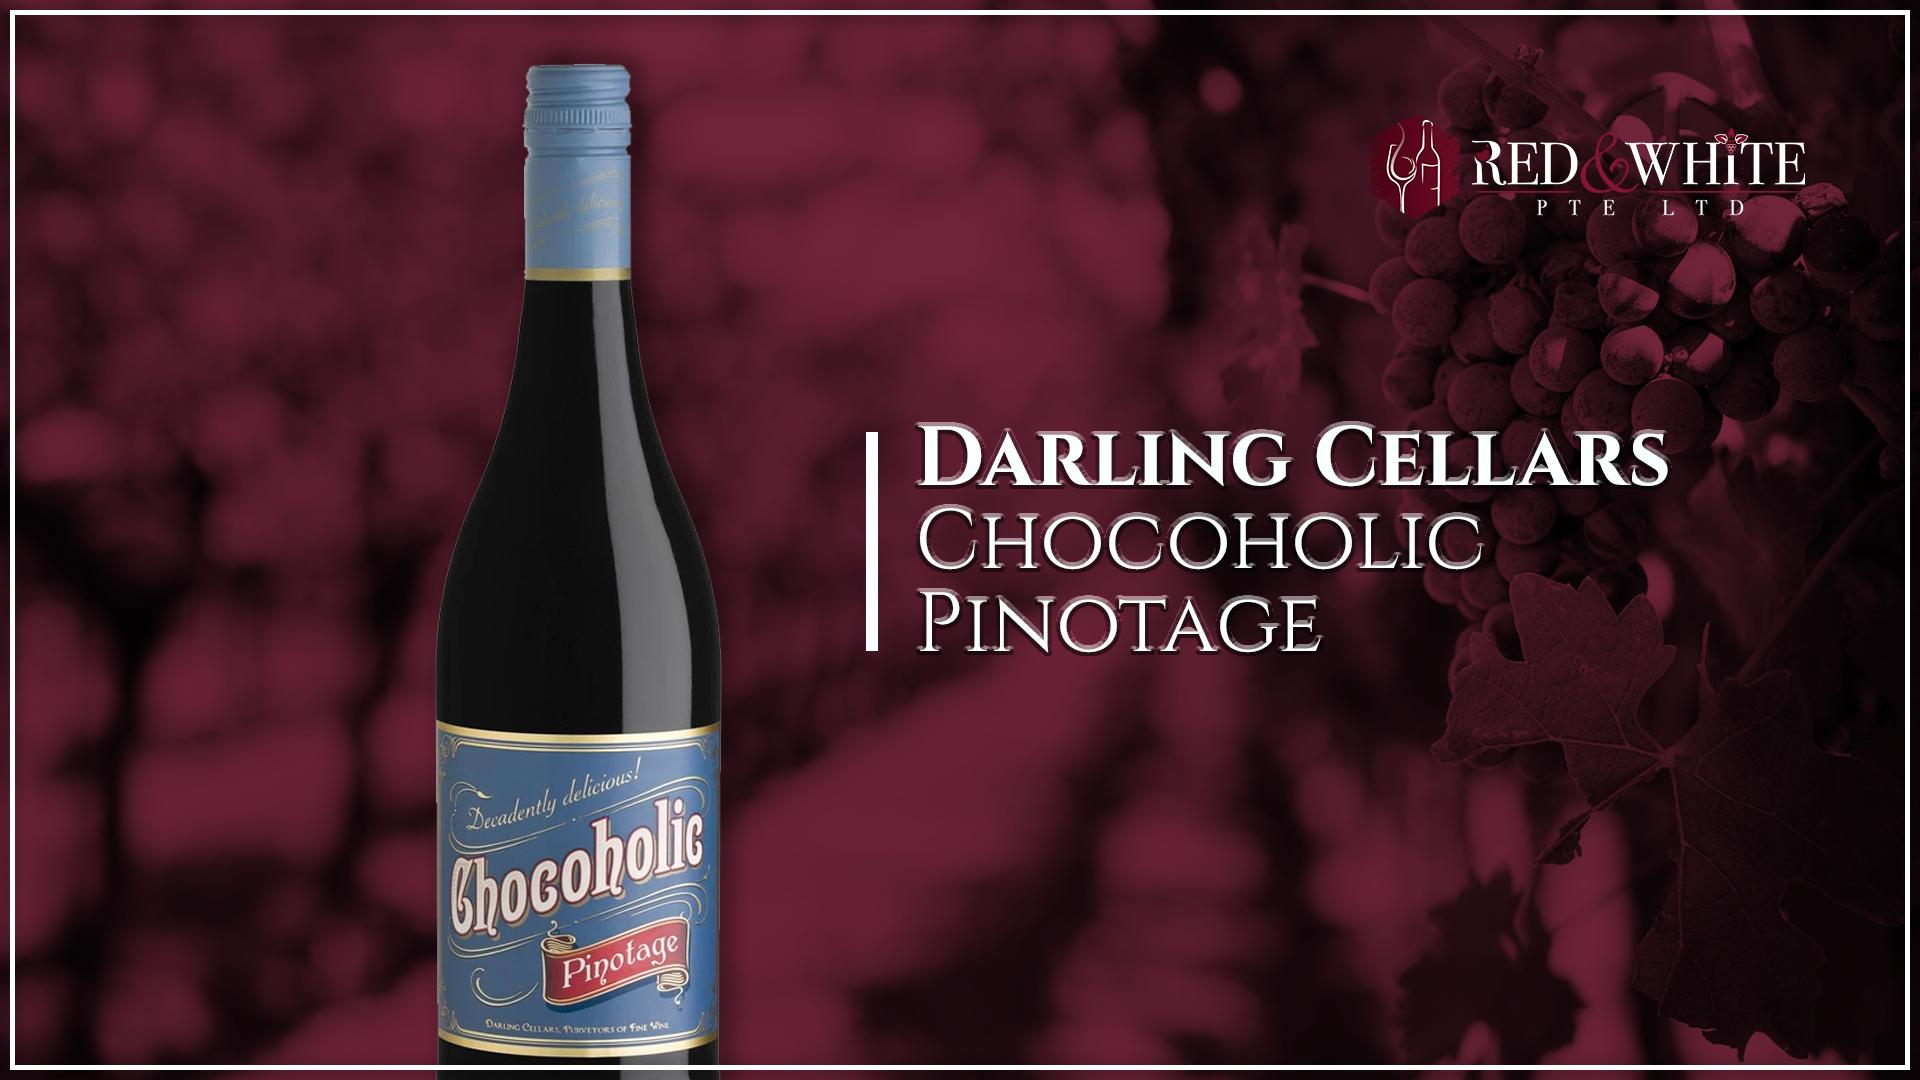 Darling Cellars Chocoholic Pinotage